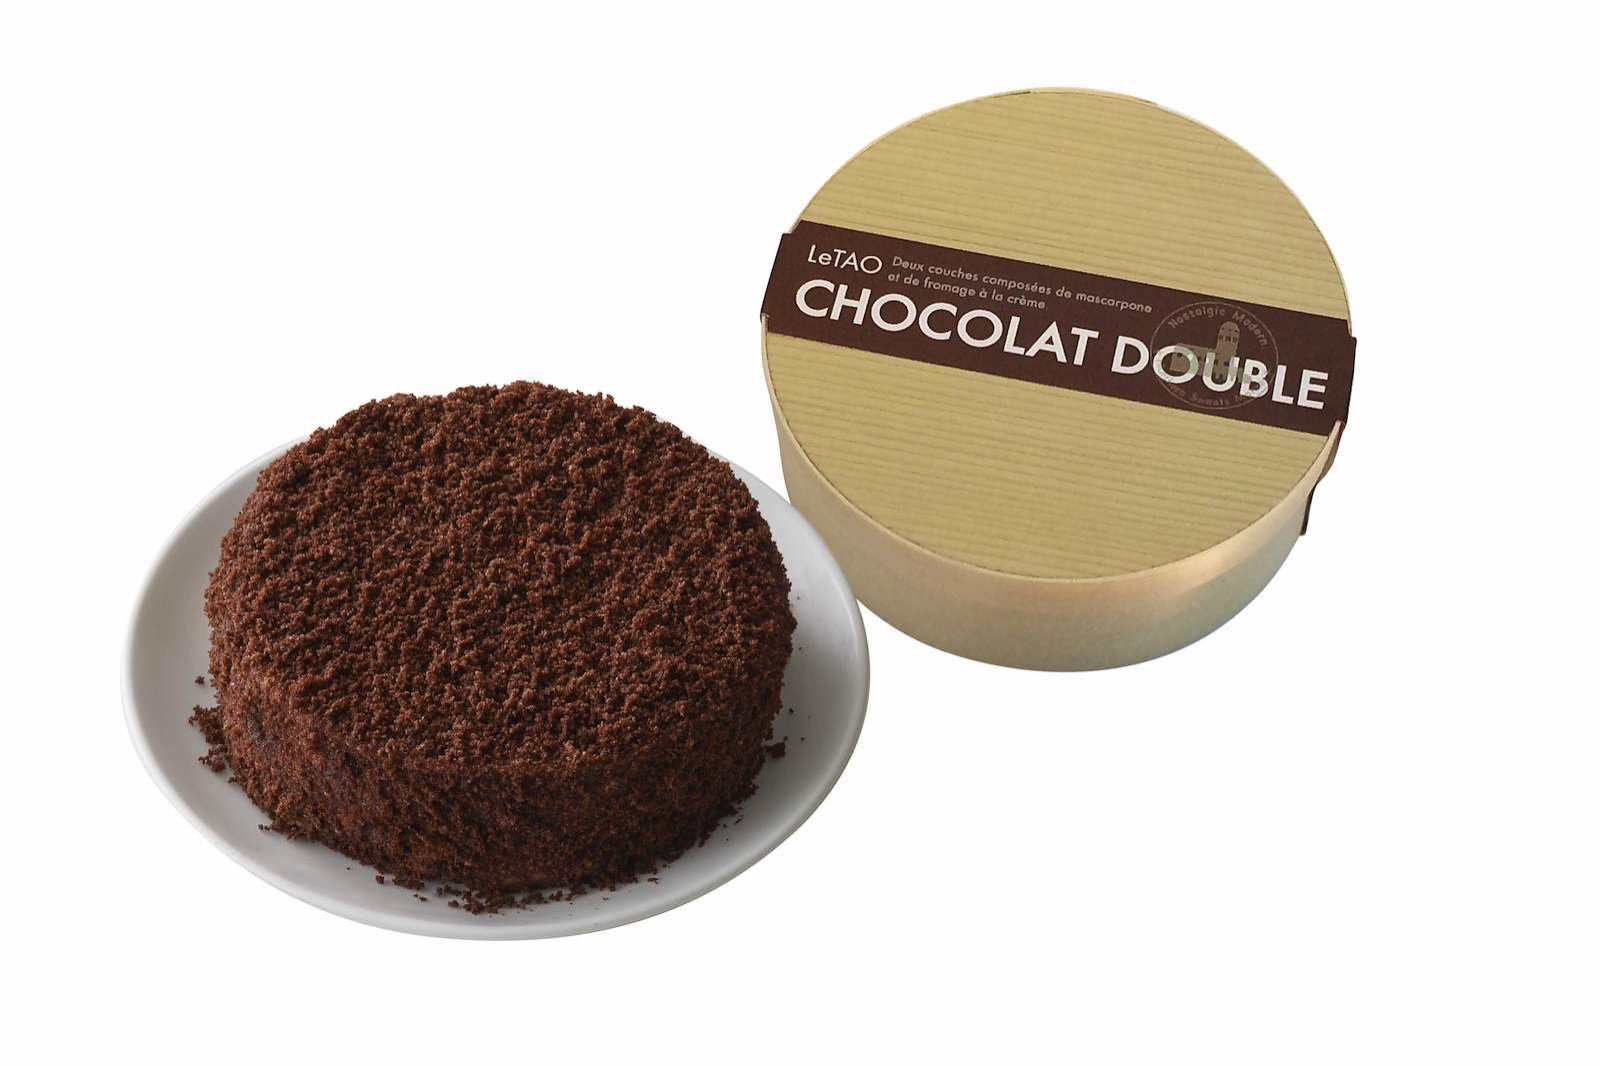 LeTAO Chocolat Double 4